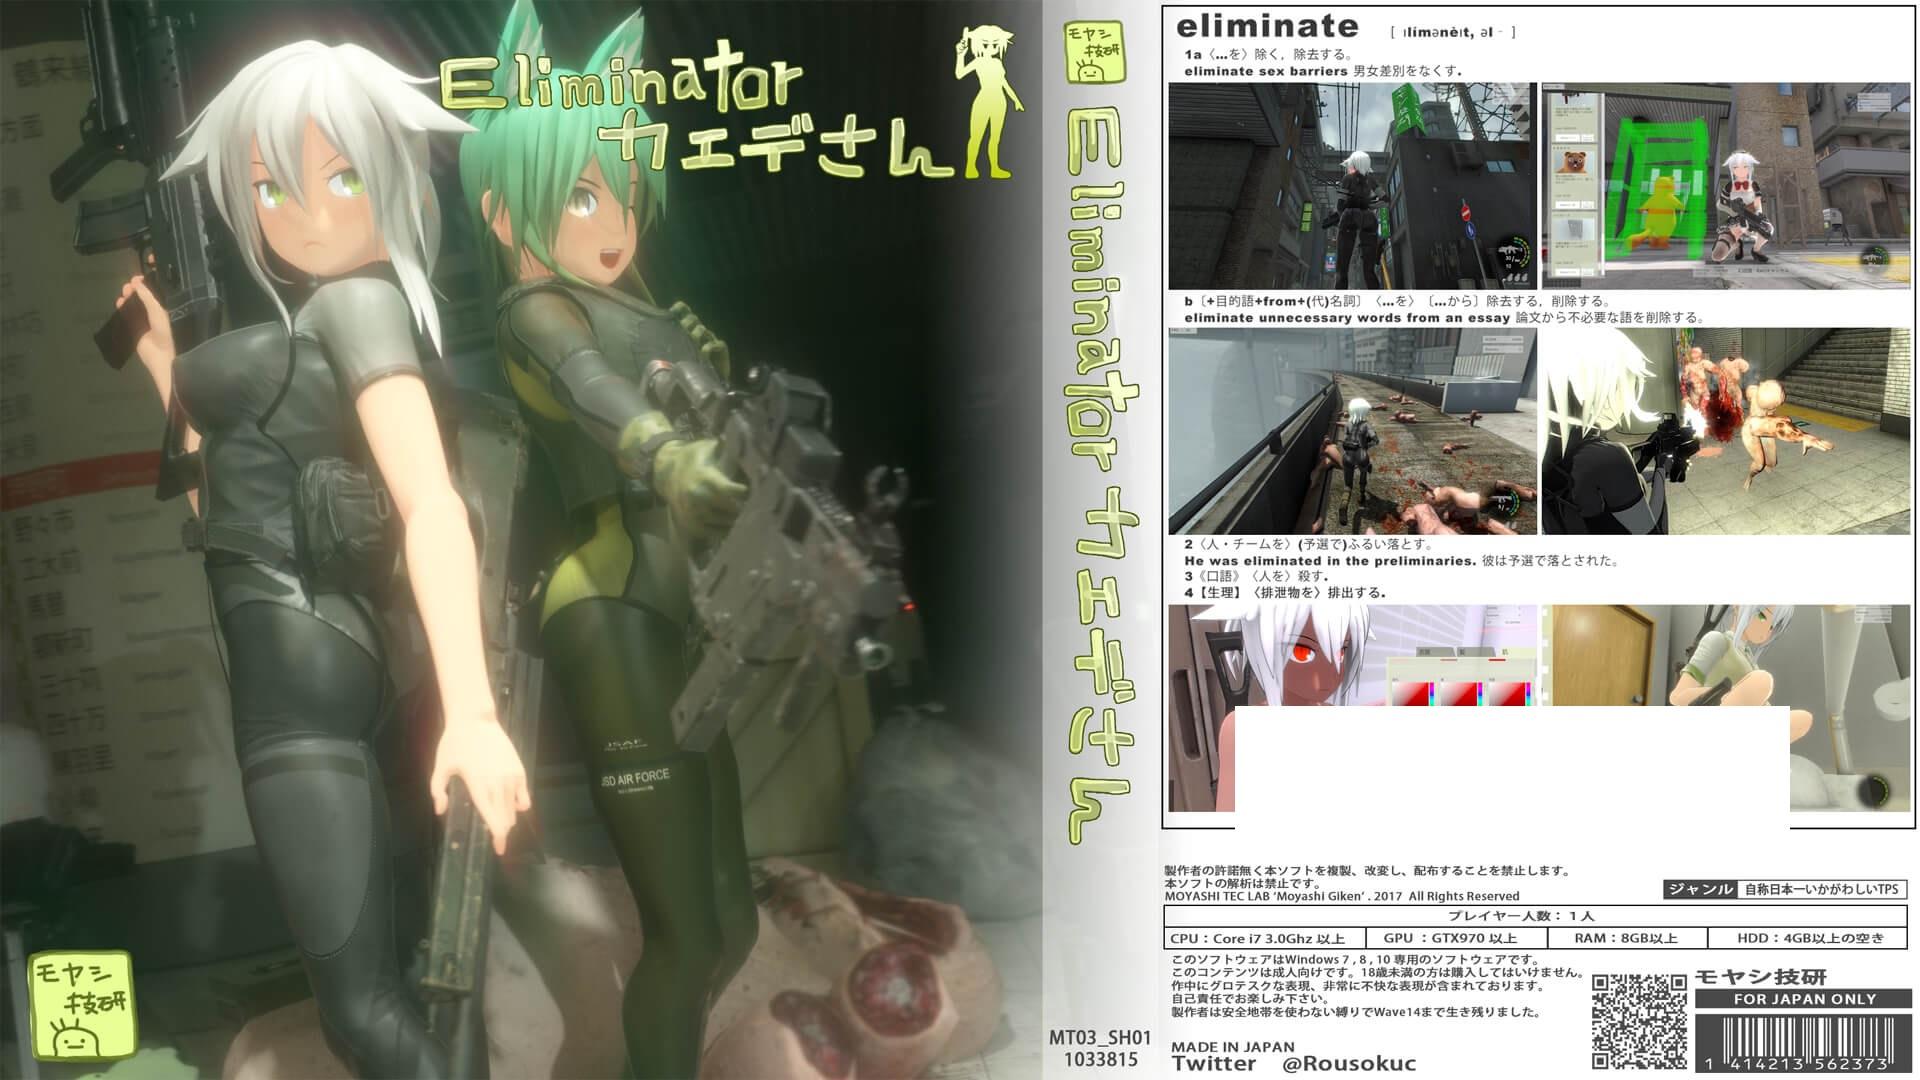 Eliminatorカエデさん 1. 2 最新版